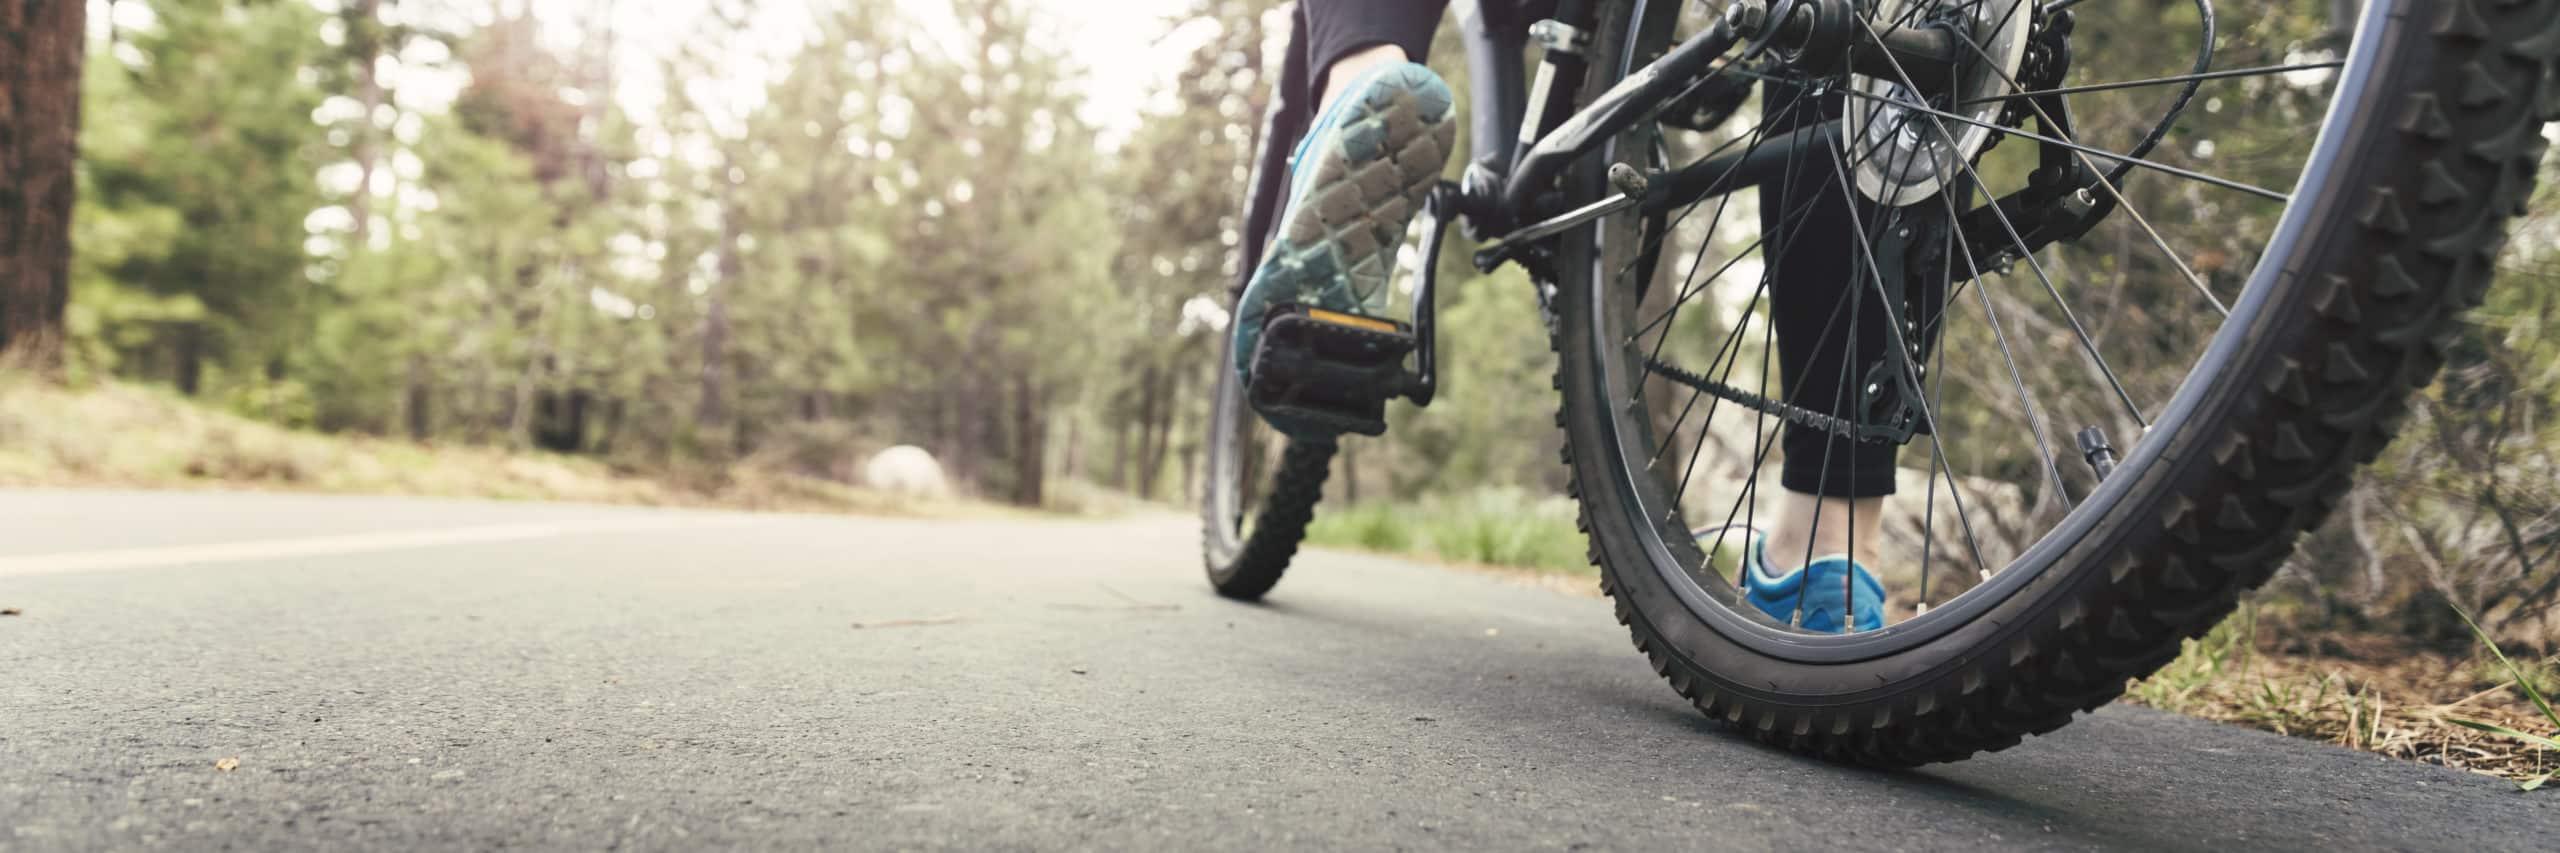 Tutte Le nostre Guide sul Ciclismo e Biciclette